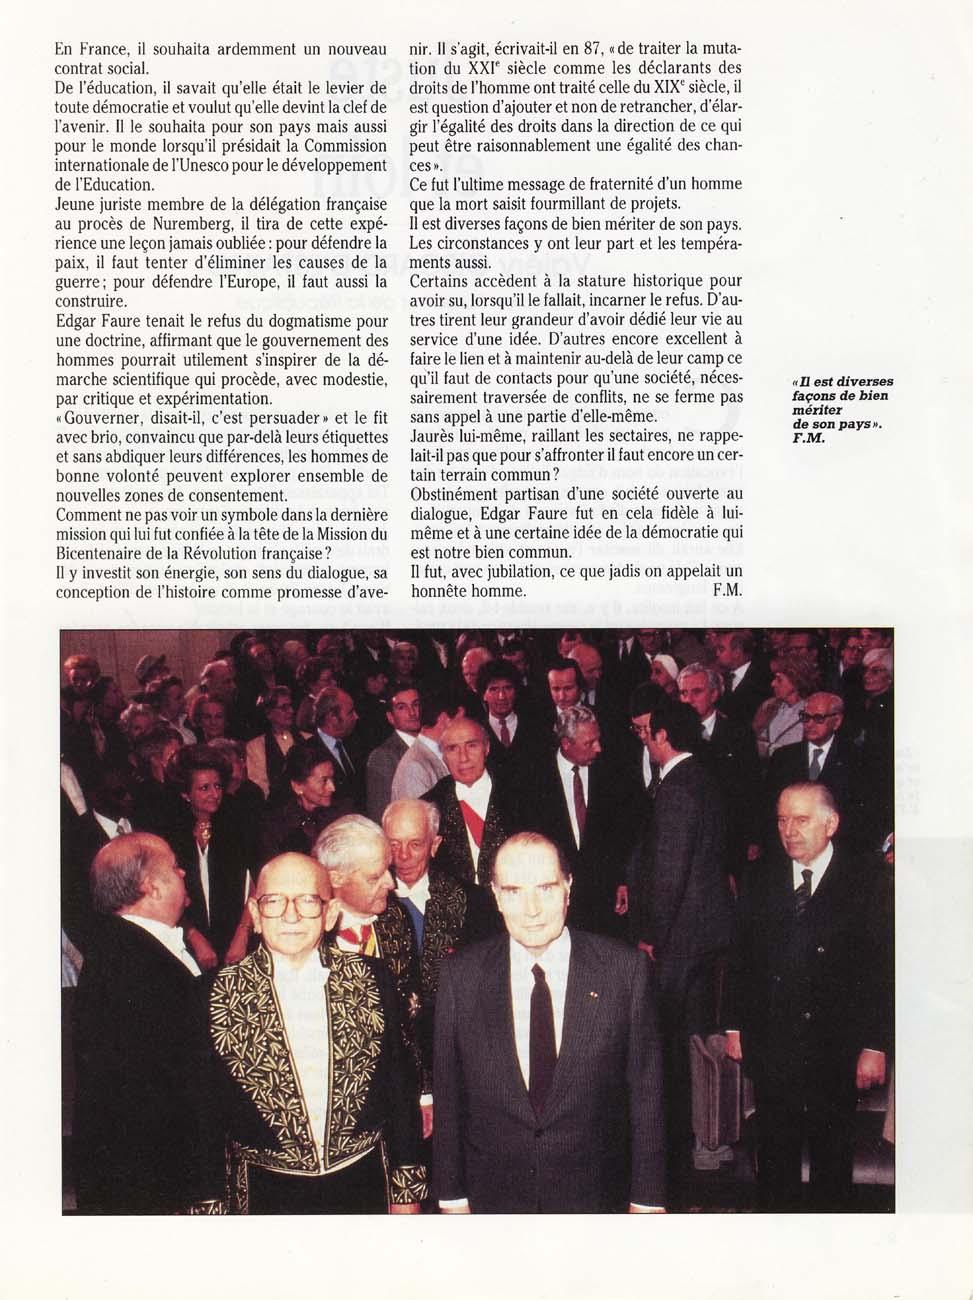 L'éthique du dialogue (François Mitterrand)